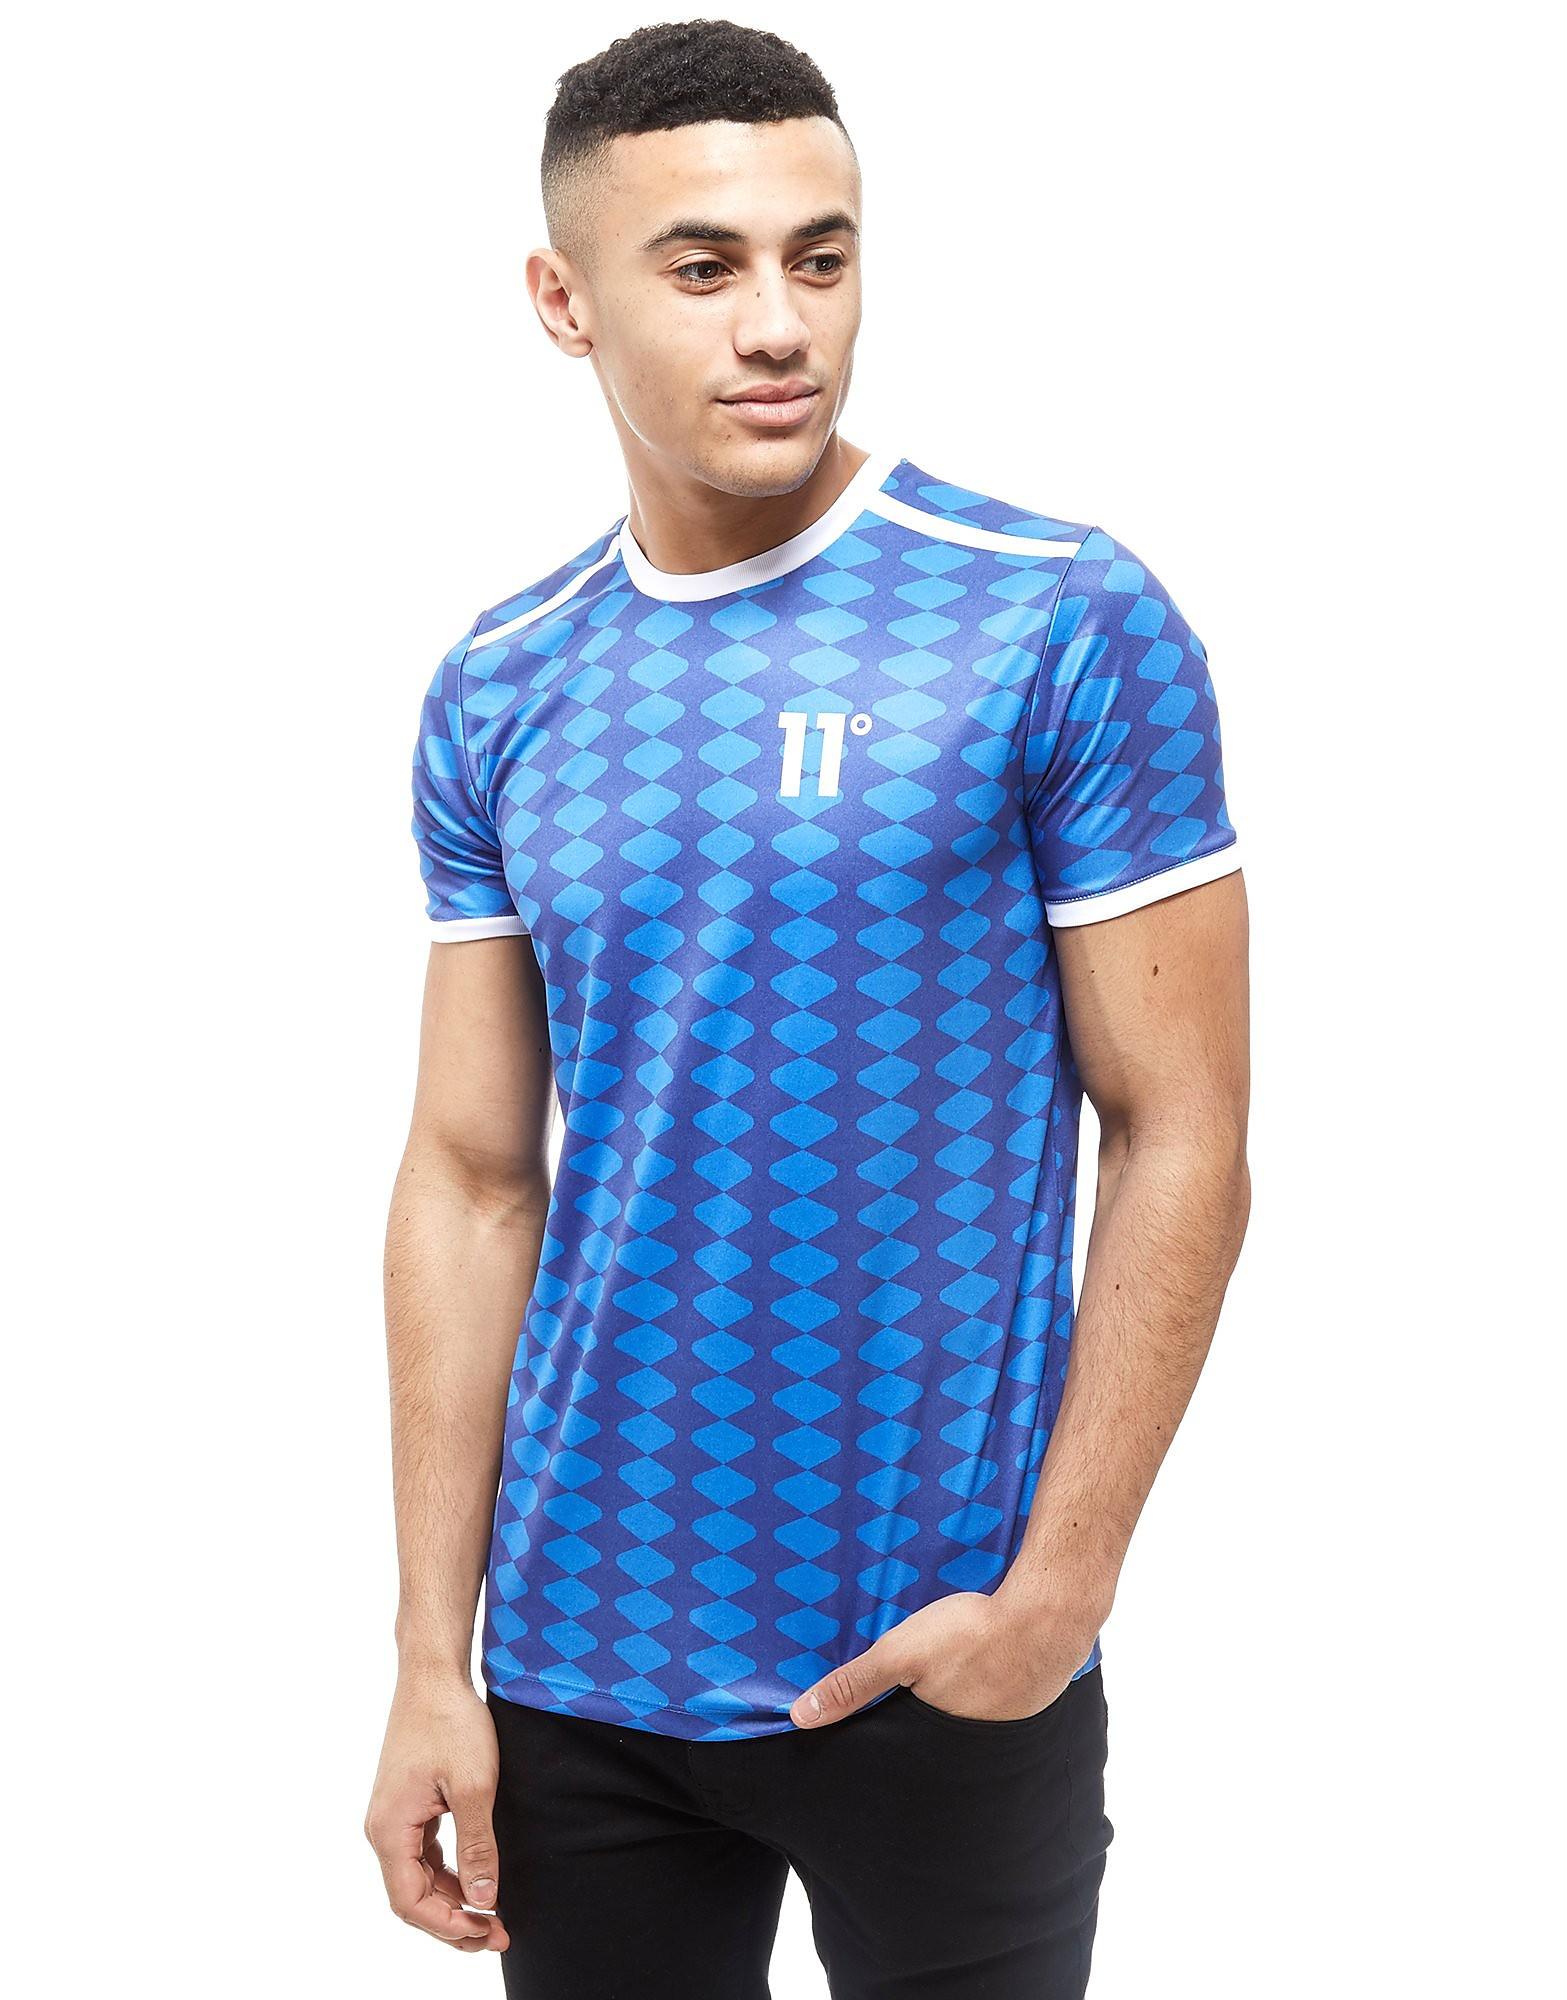 11 Degrees T-shirt Diamond Football Homme - bleu, bleu